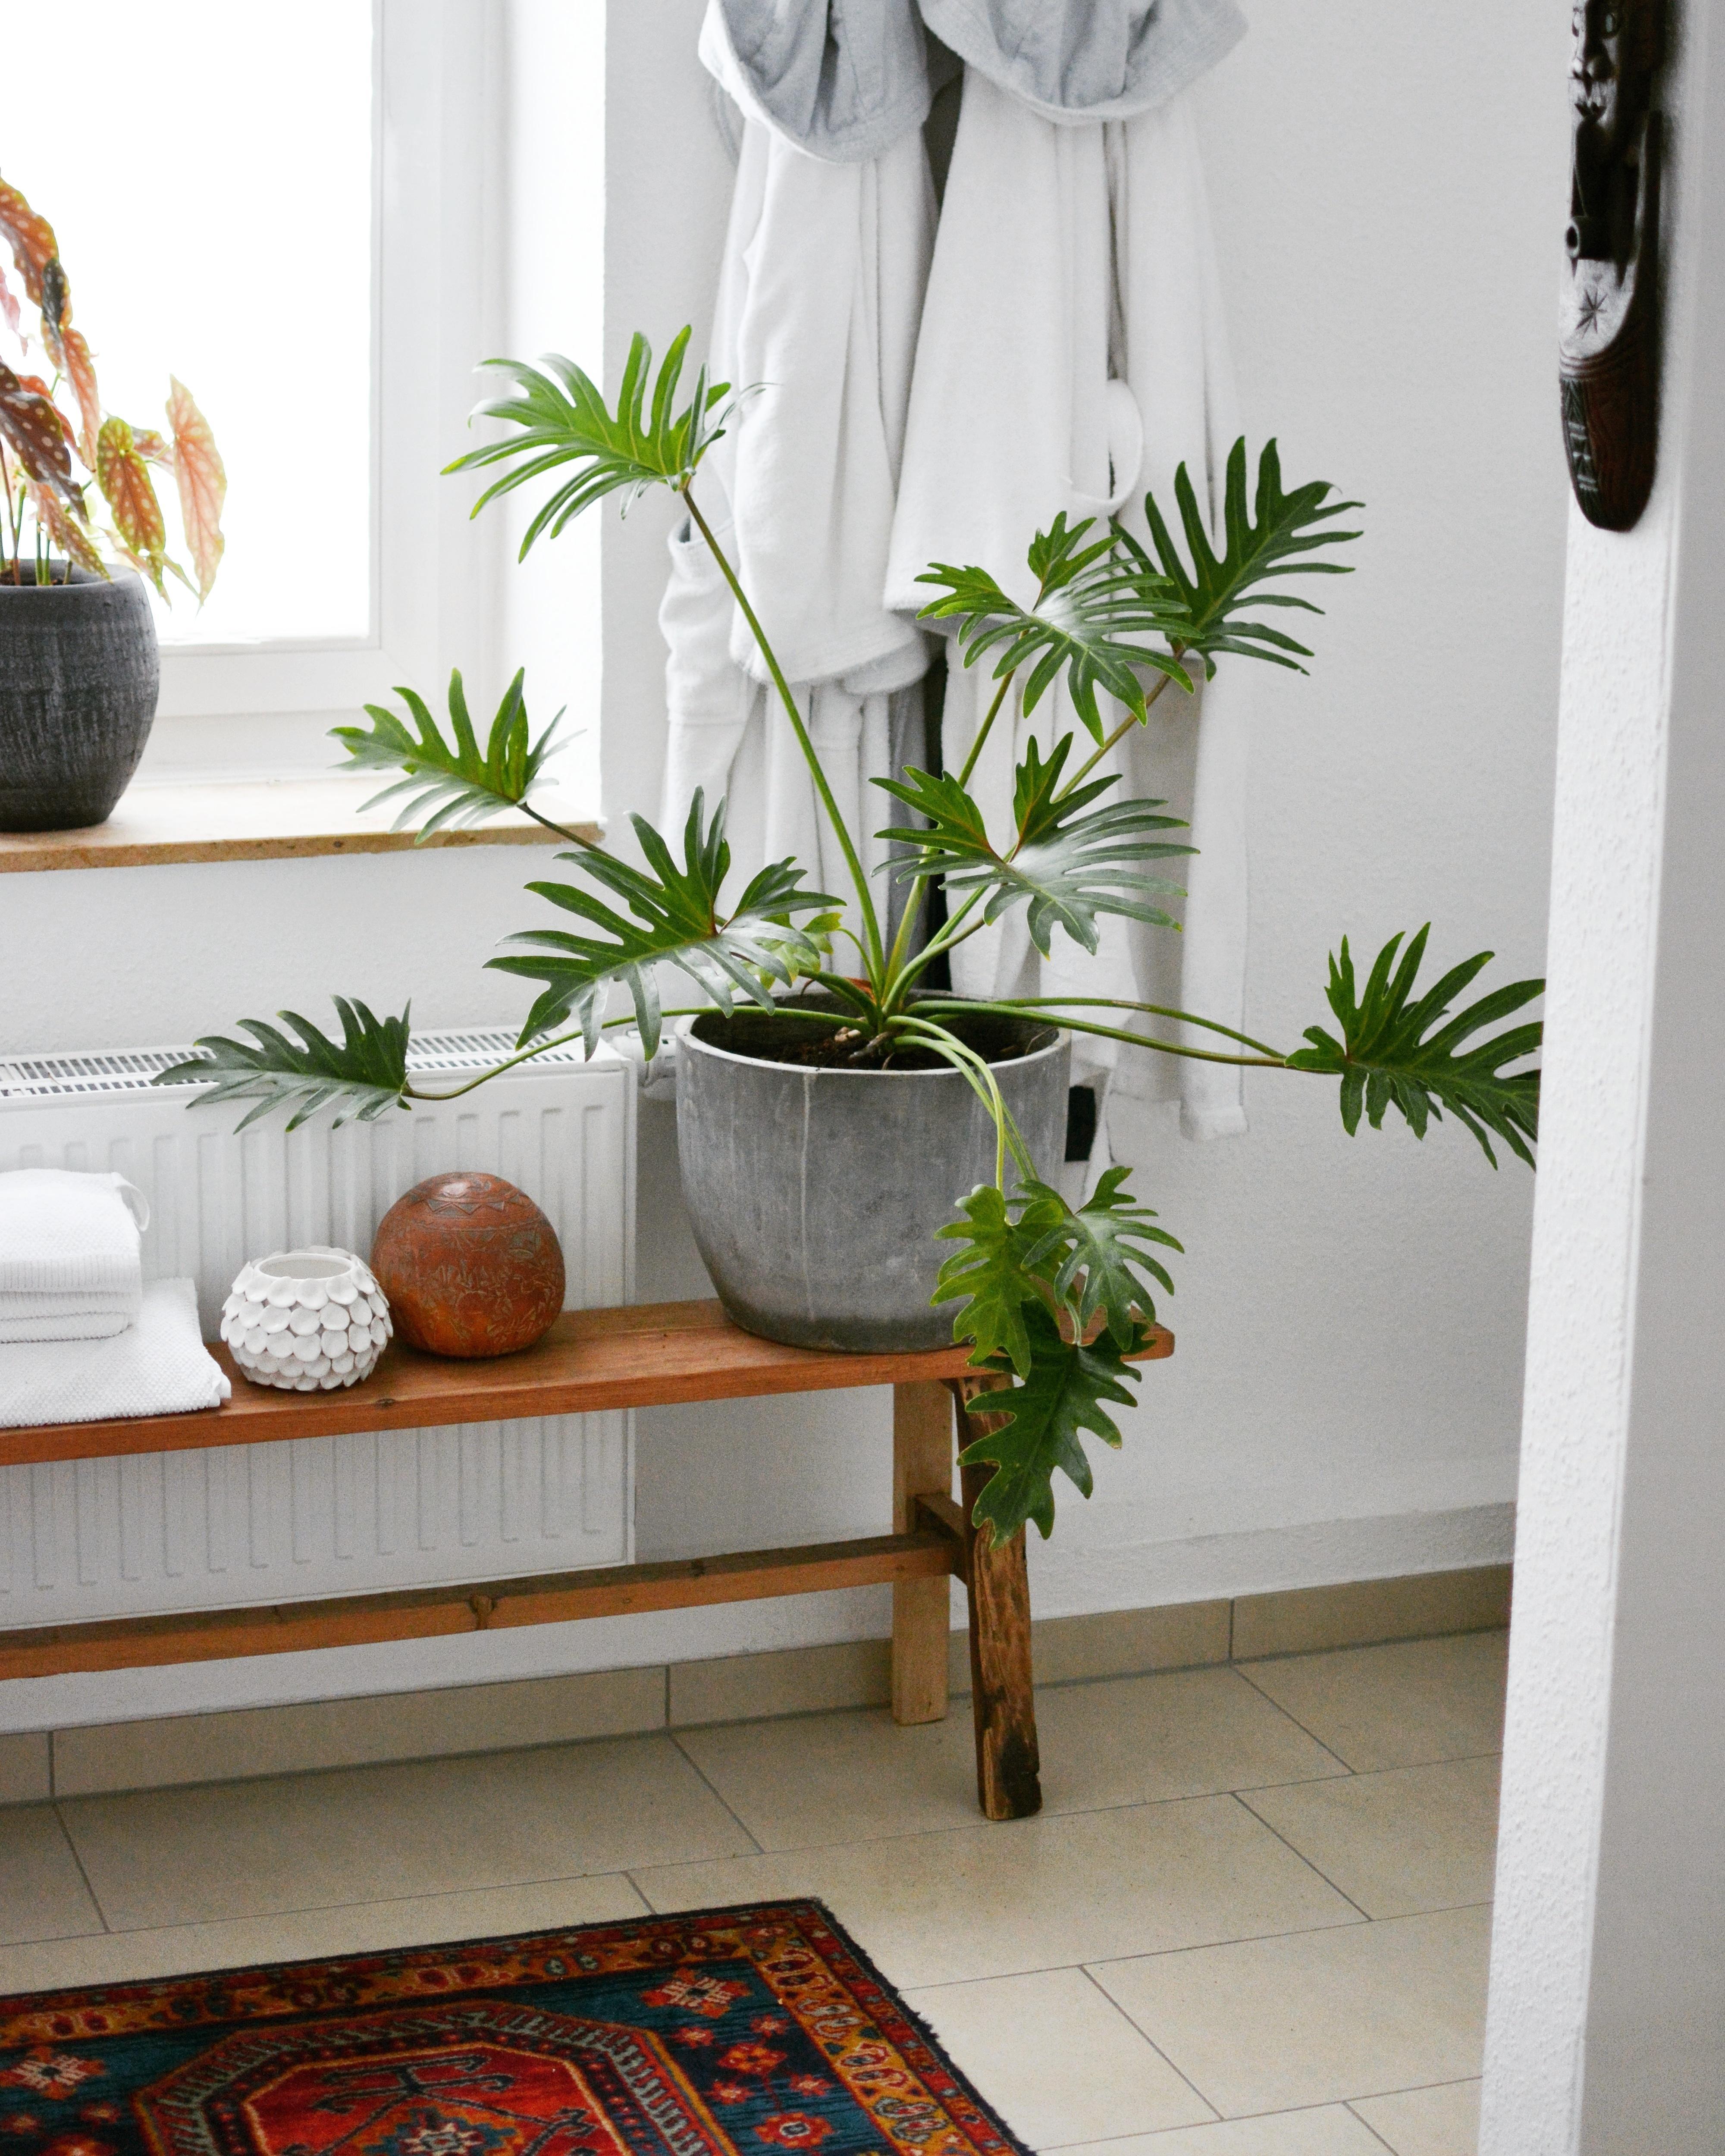 minimalistisch wohnen bilder ideen couch. Black Bedroom Furniture Sets. Home Design Ideas